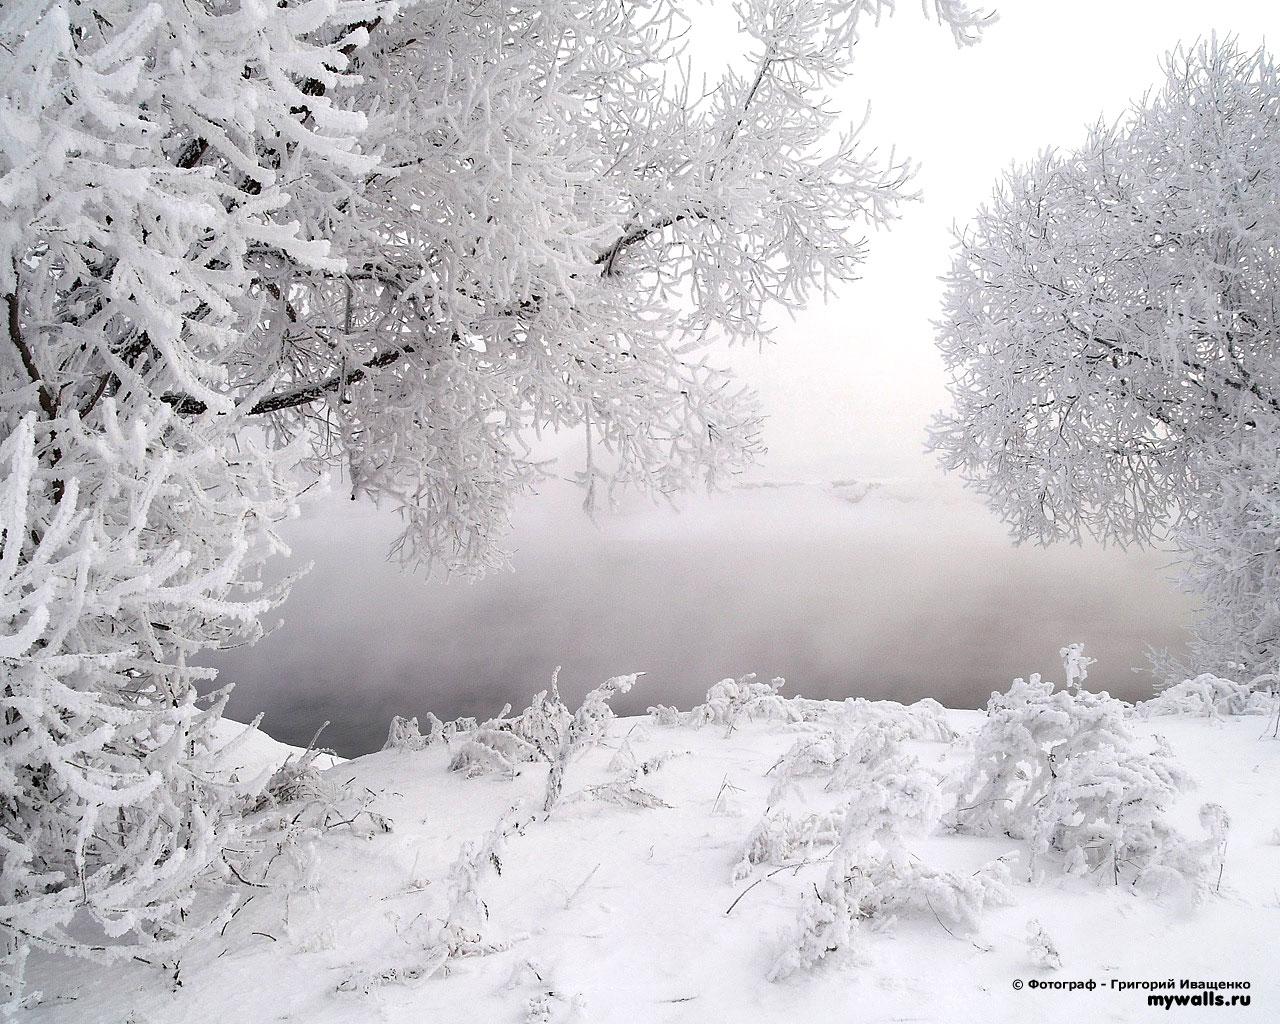 Снег, сугробы фото, обои для рабочего стола